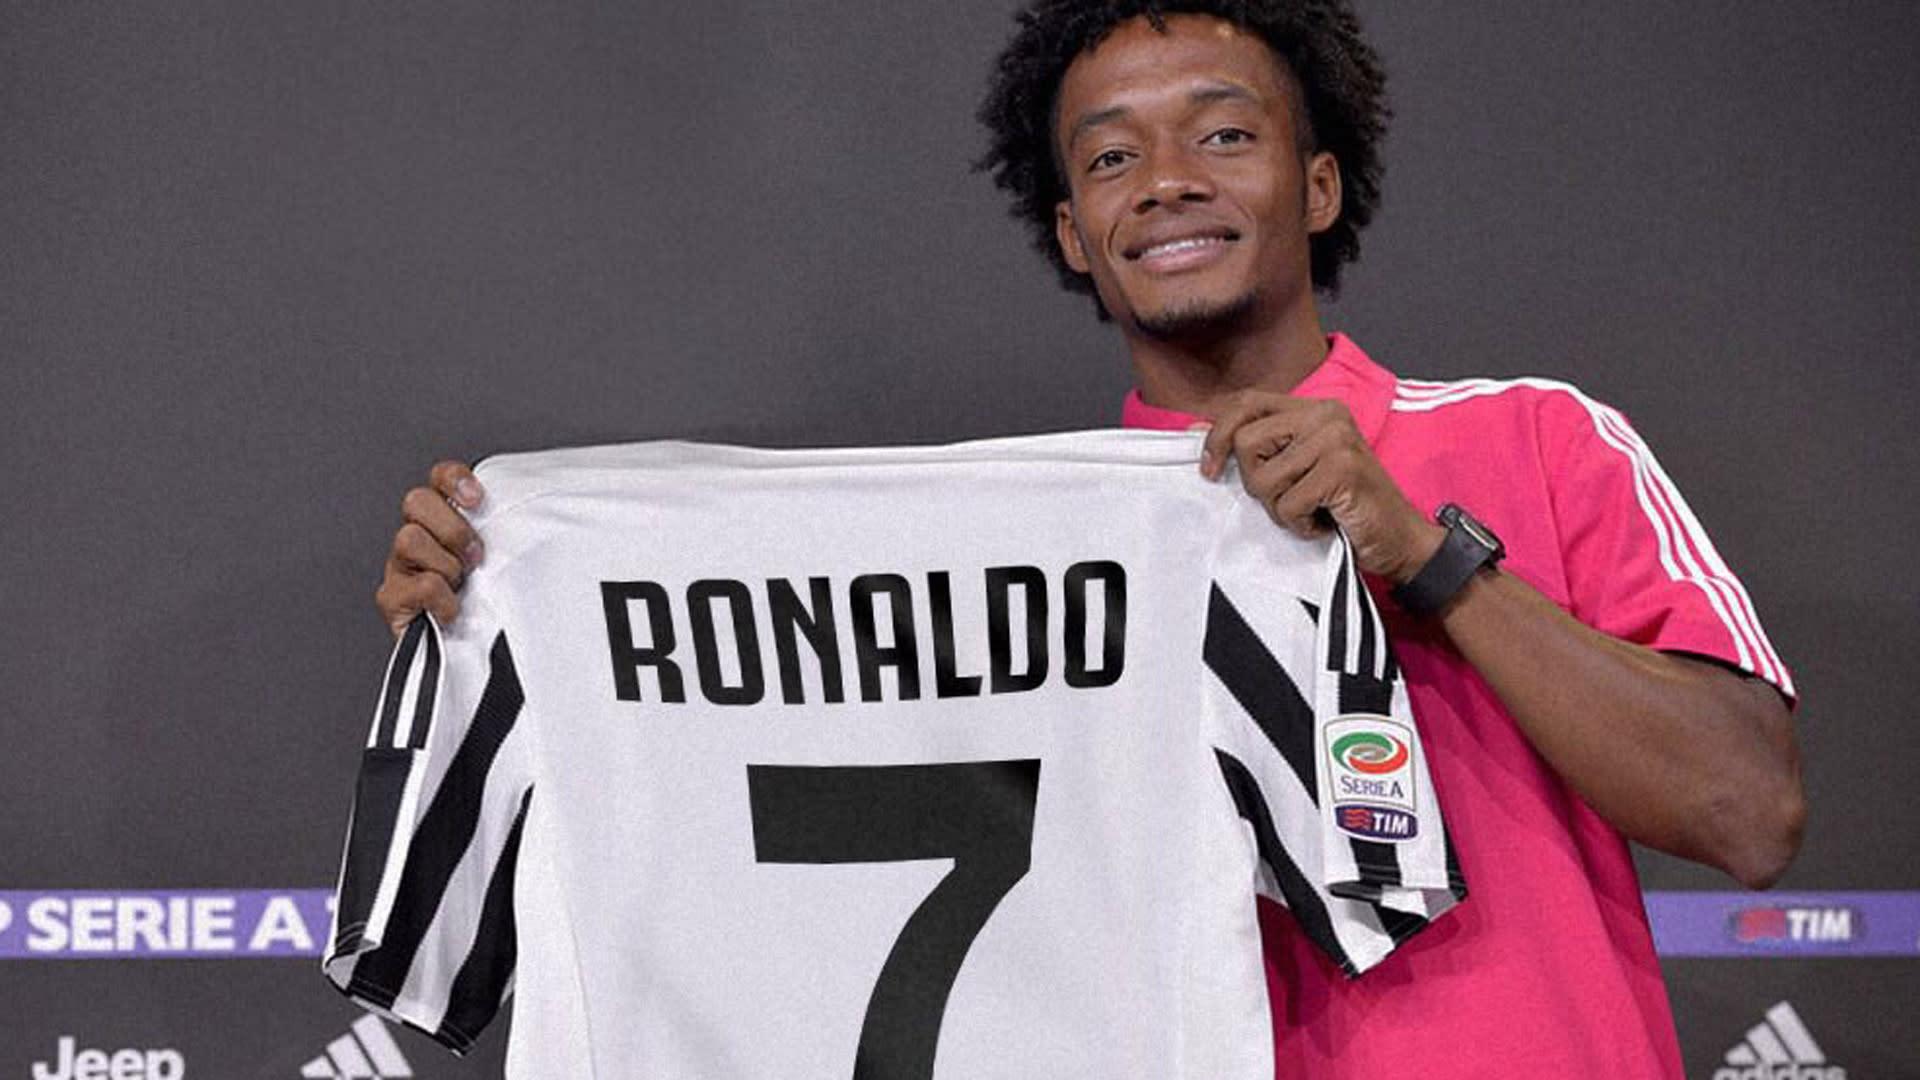 Đồng đội mới trao áo số 7 cho Ronaldo và chúc thành công